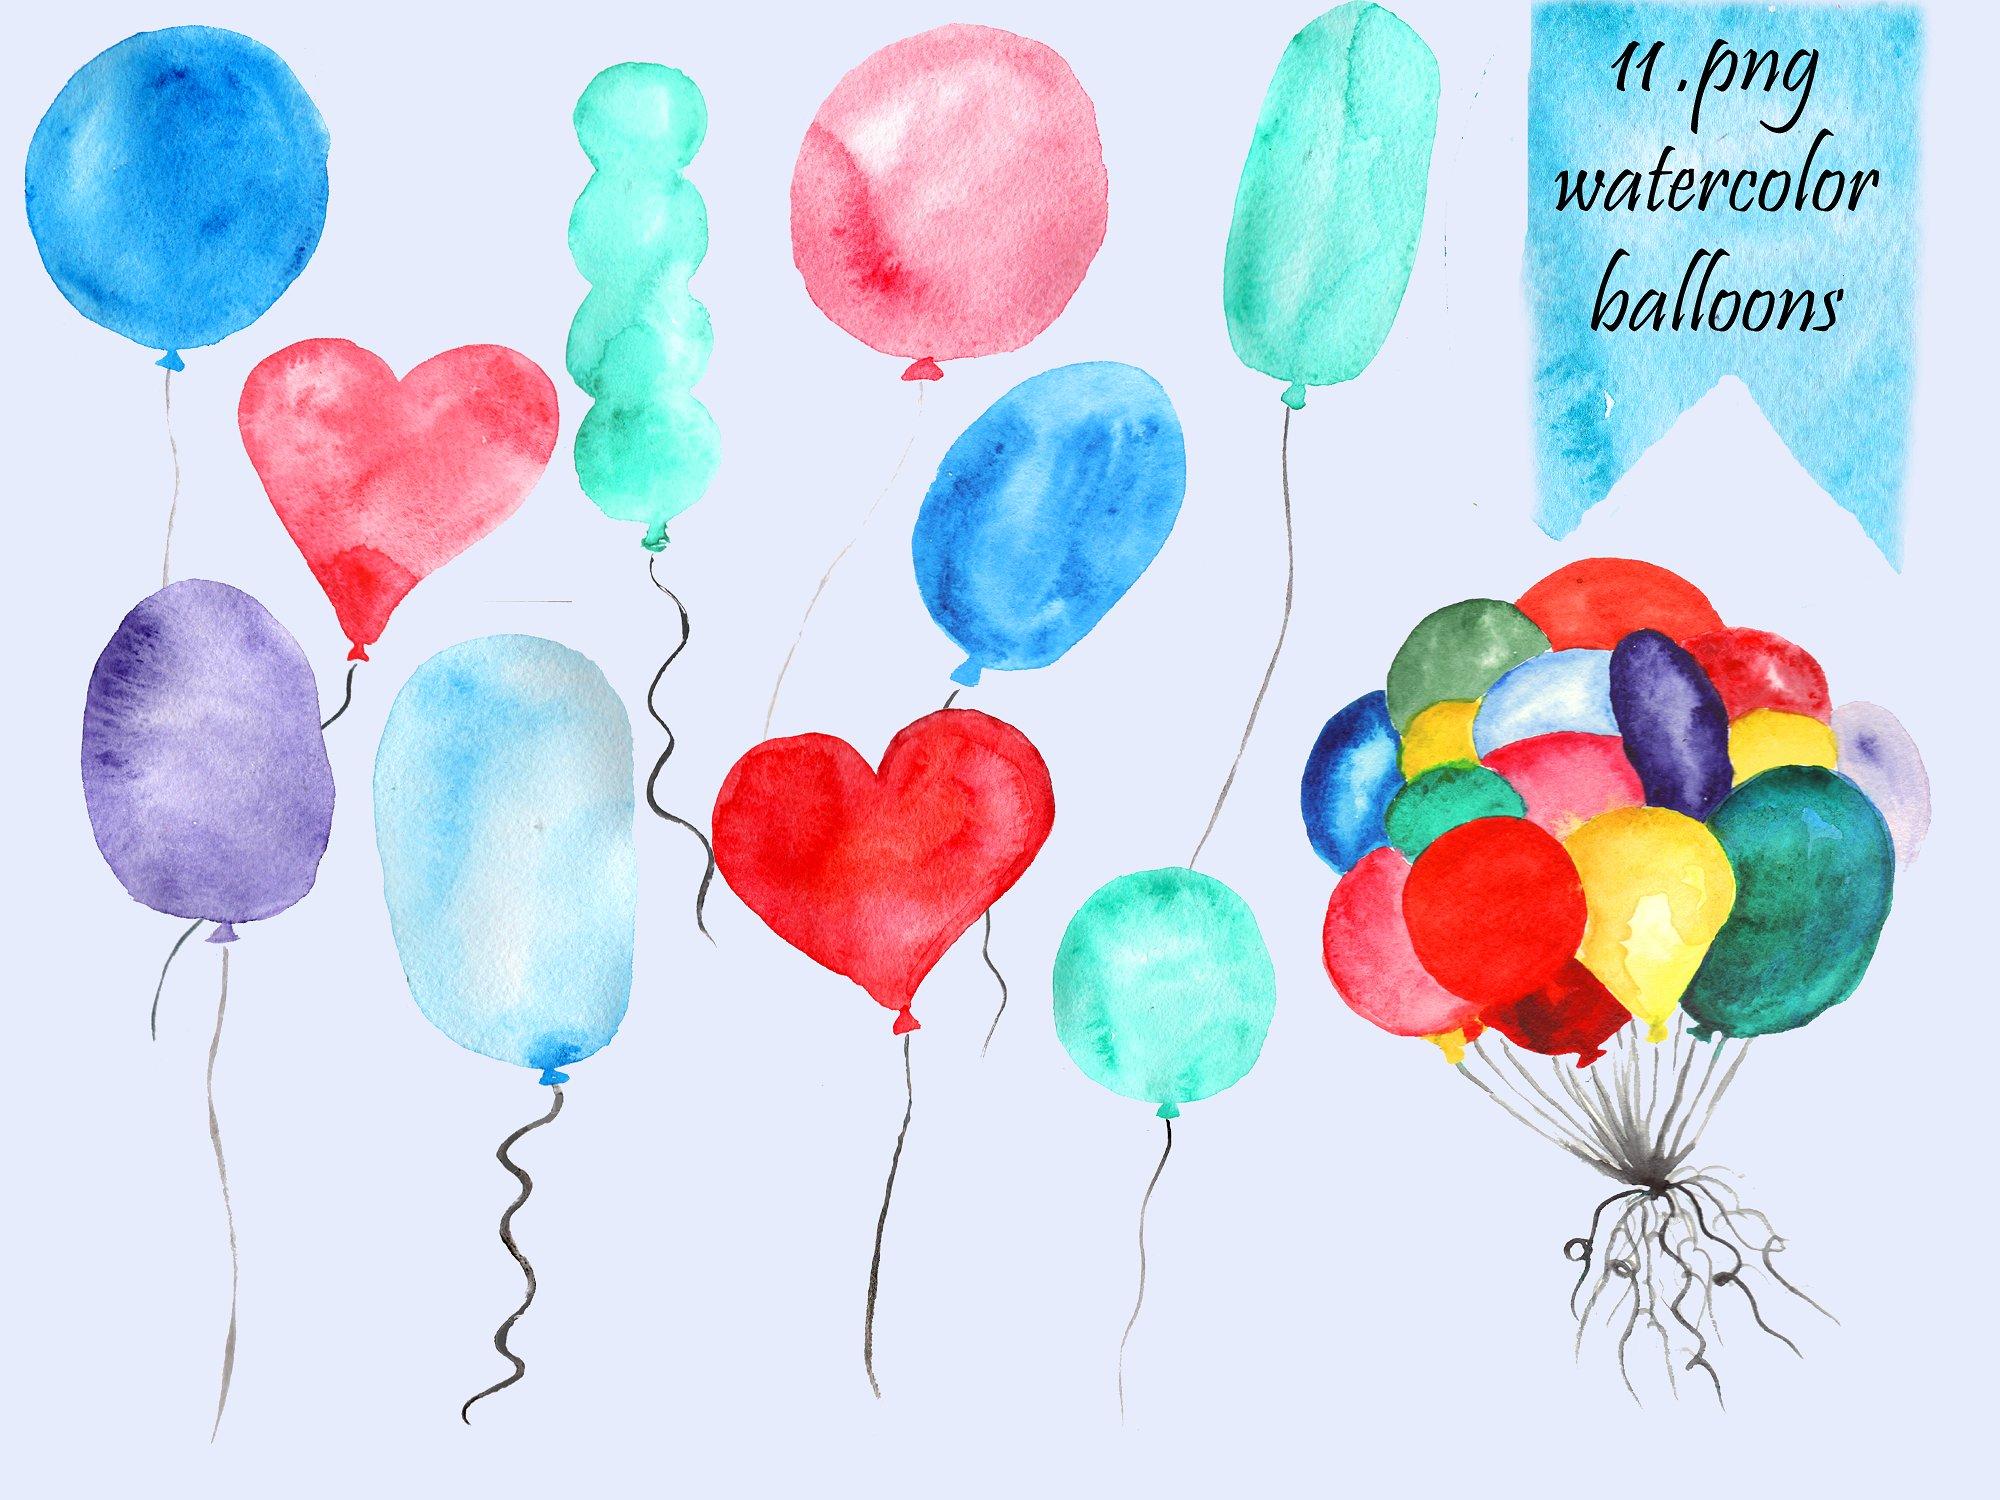 Watercolor balloons clip art. Balloon clipart watercolour